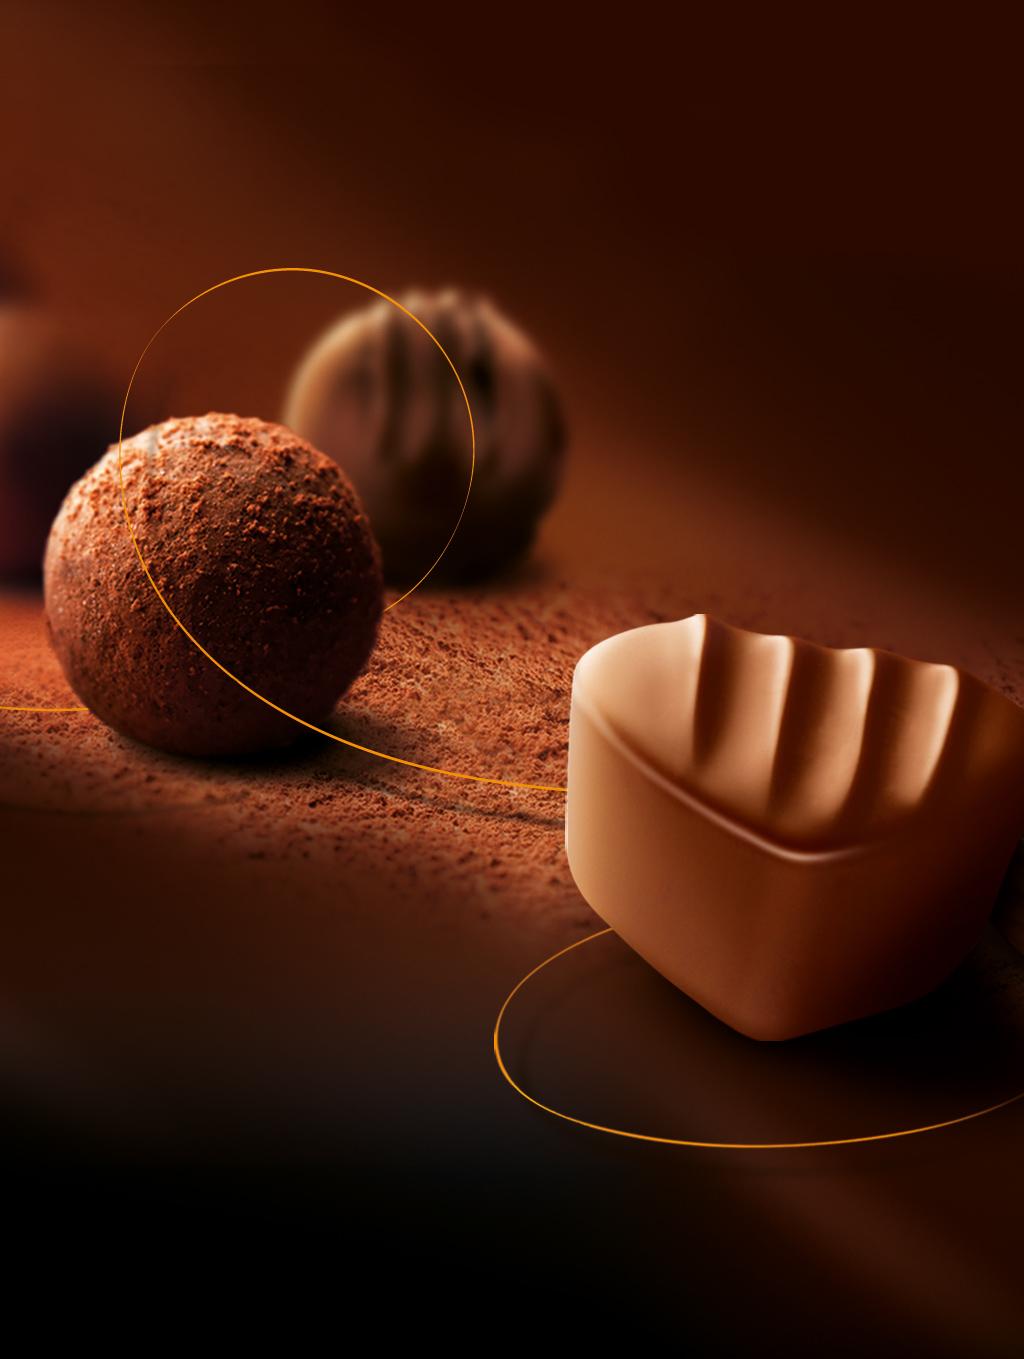 Die gute Geschenkidee, Traubenblatt aus Schokolade mit Champagner-Truffes